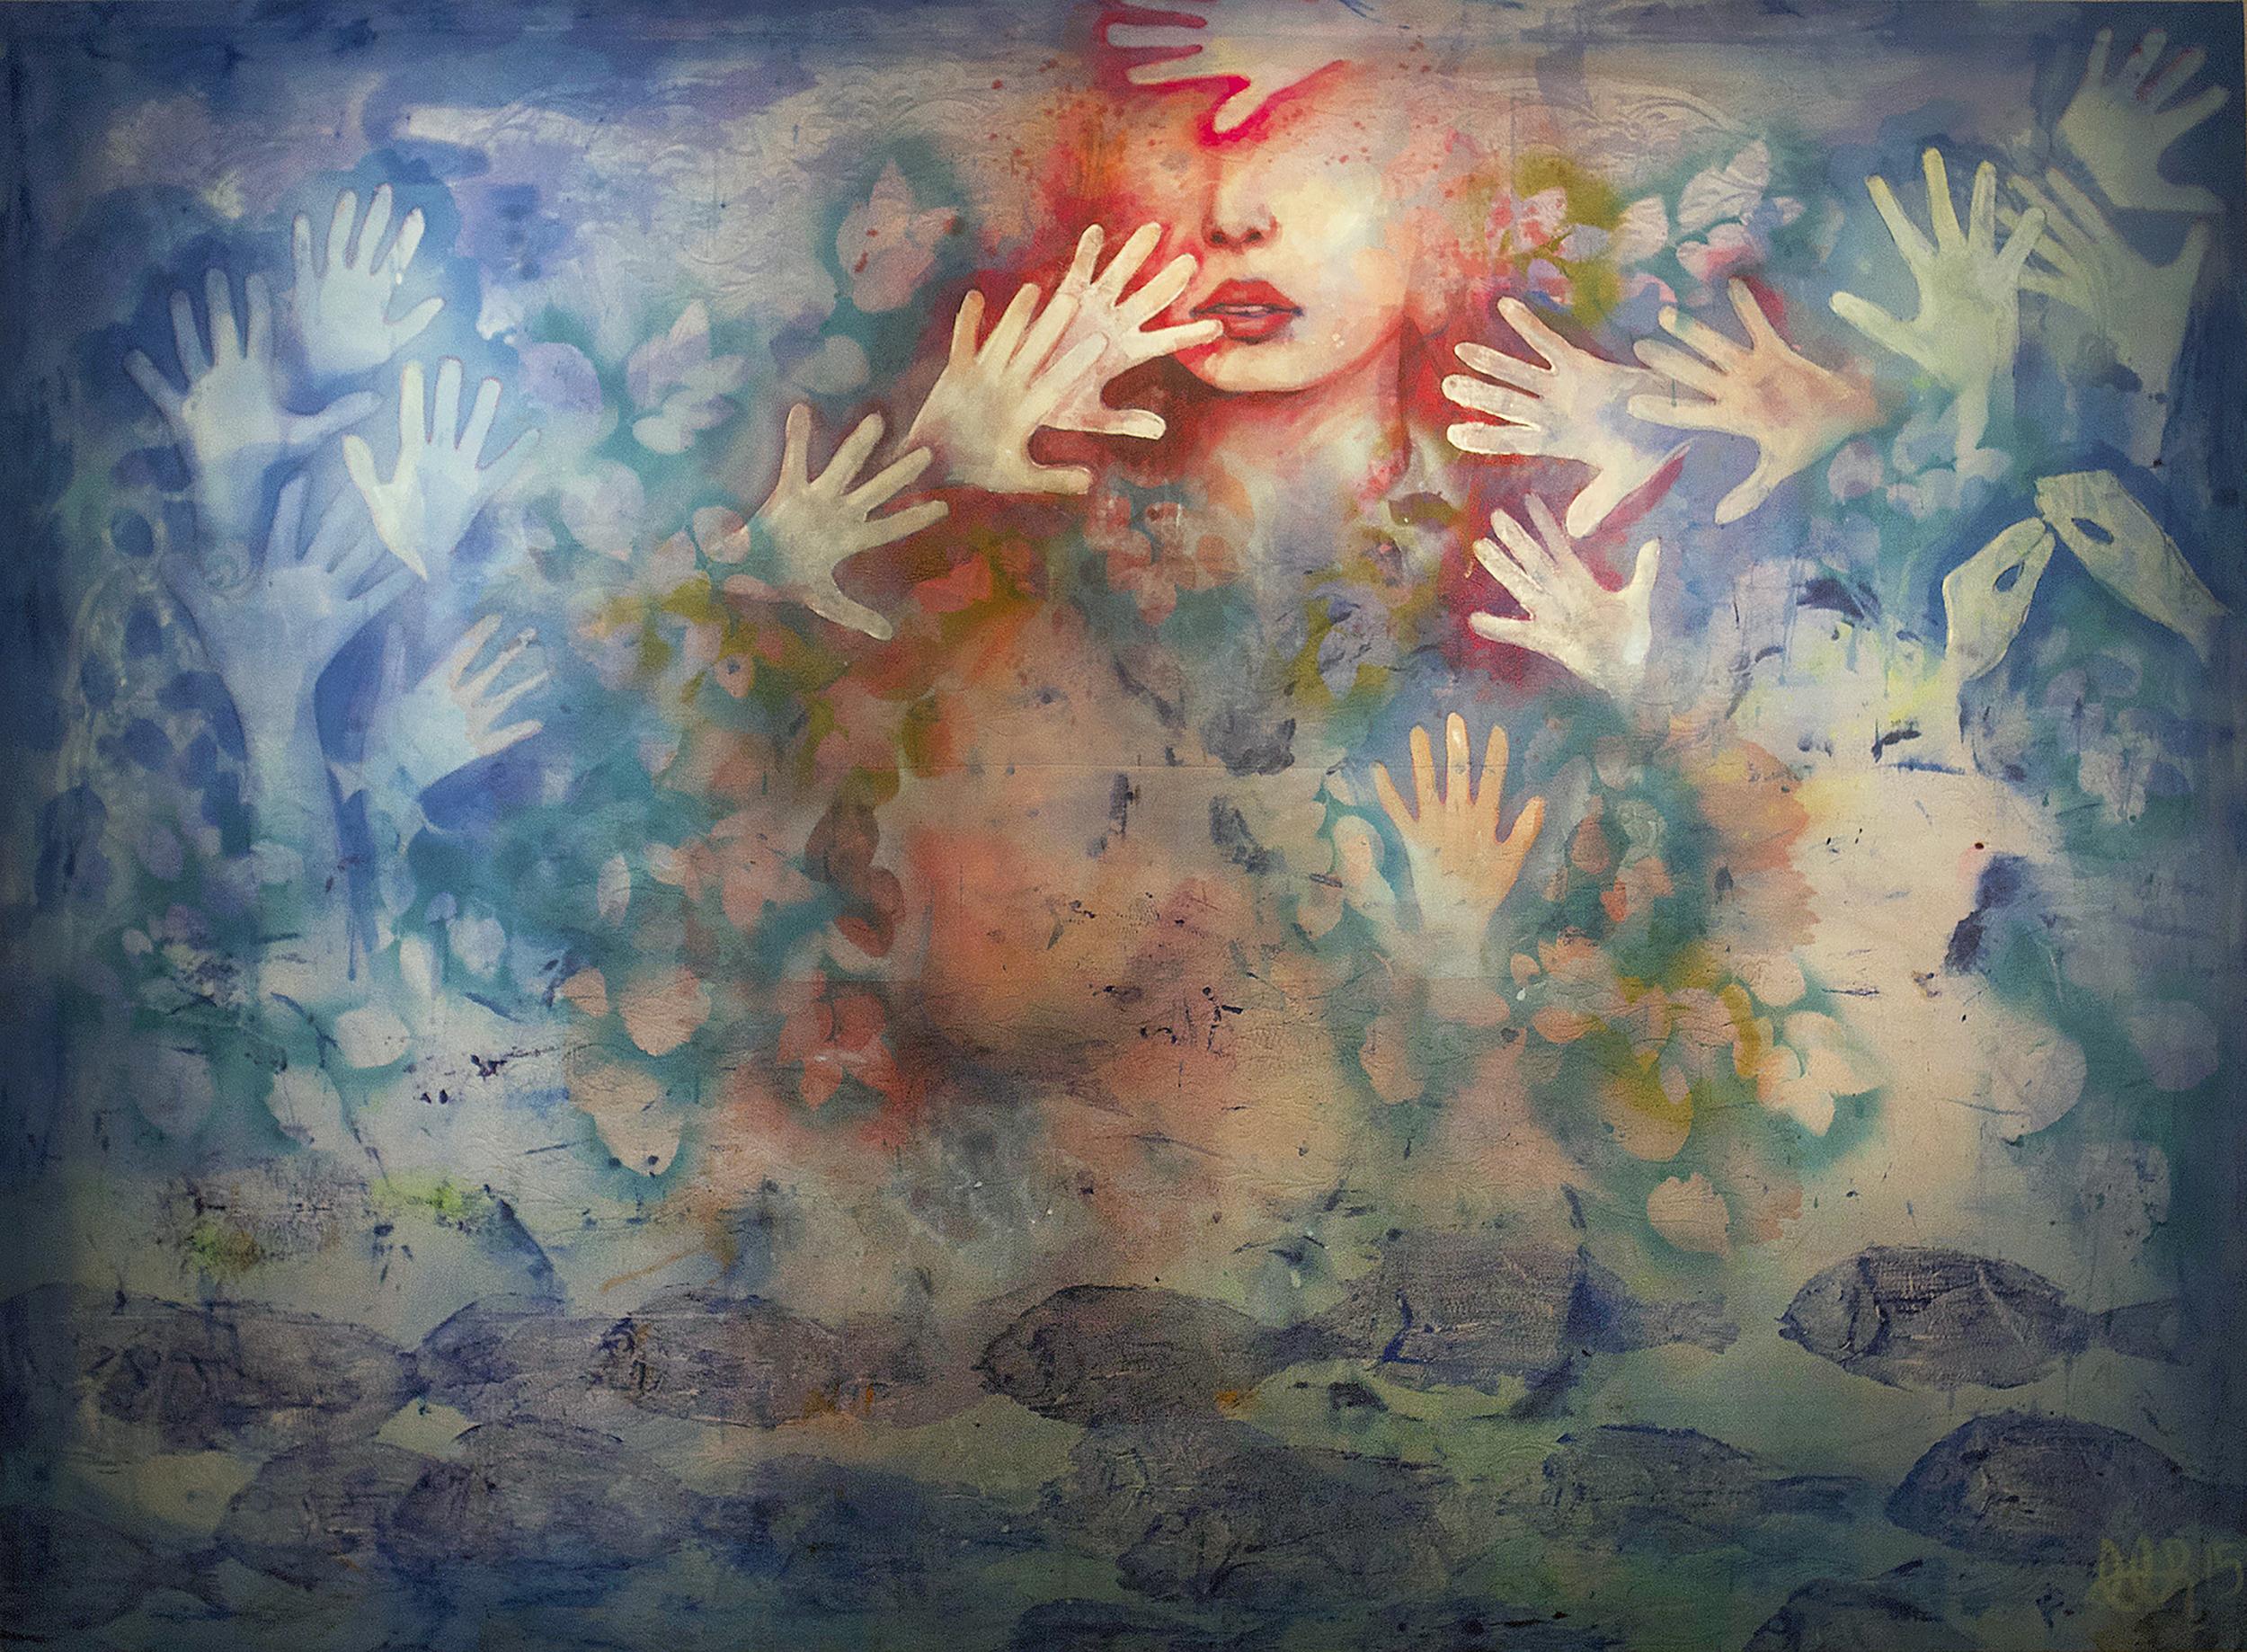 'Fish Fingers' (2015) Image courtesy of John Atkinson.